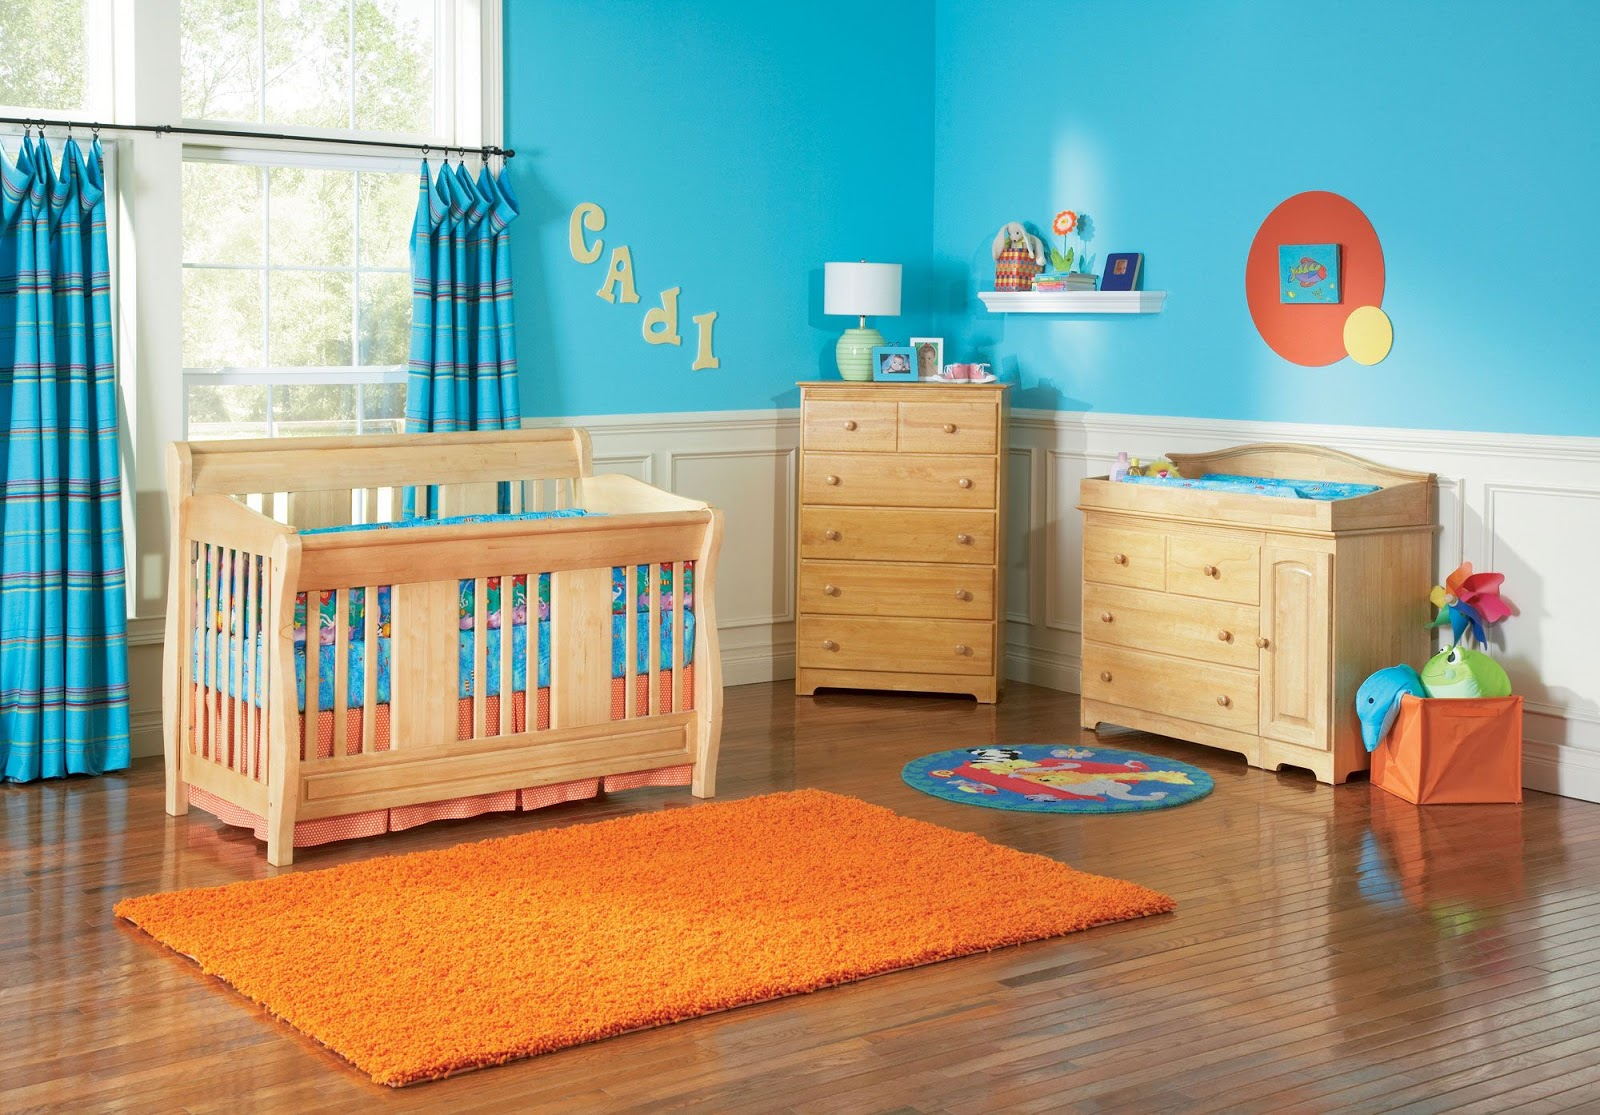 Chambre En Bois Naturel : Image chambre bébé bois naturel – Bébé et décoration – Chambre …